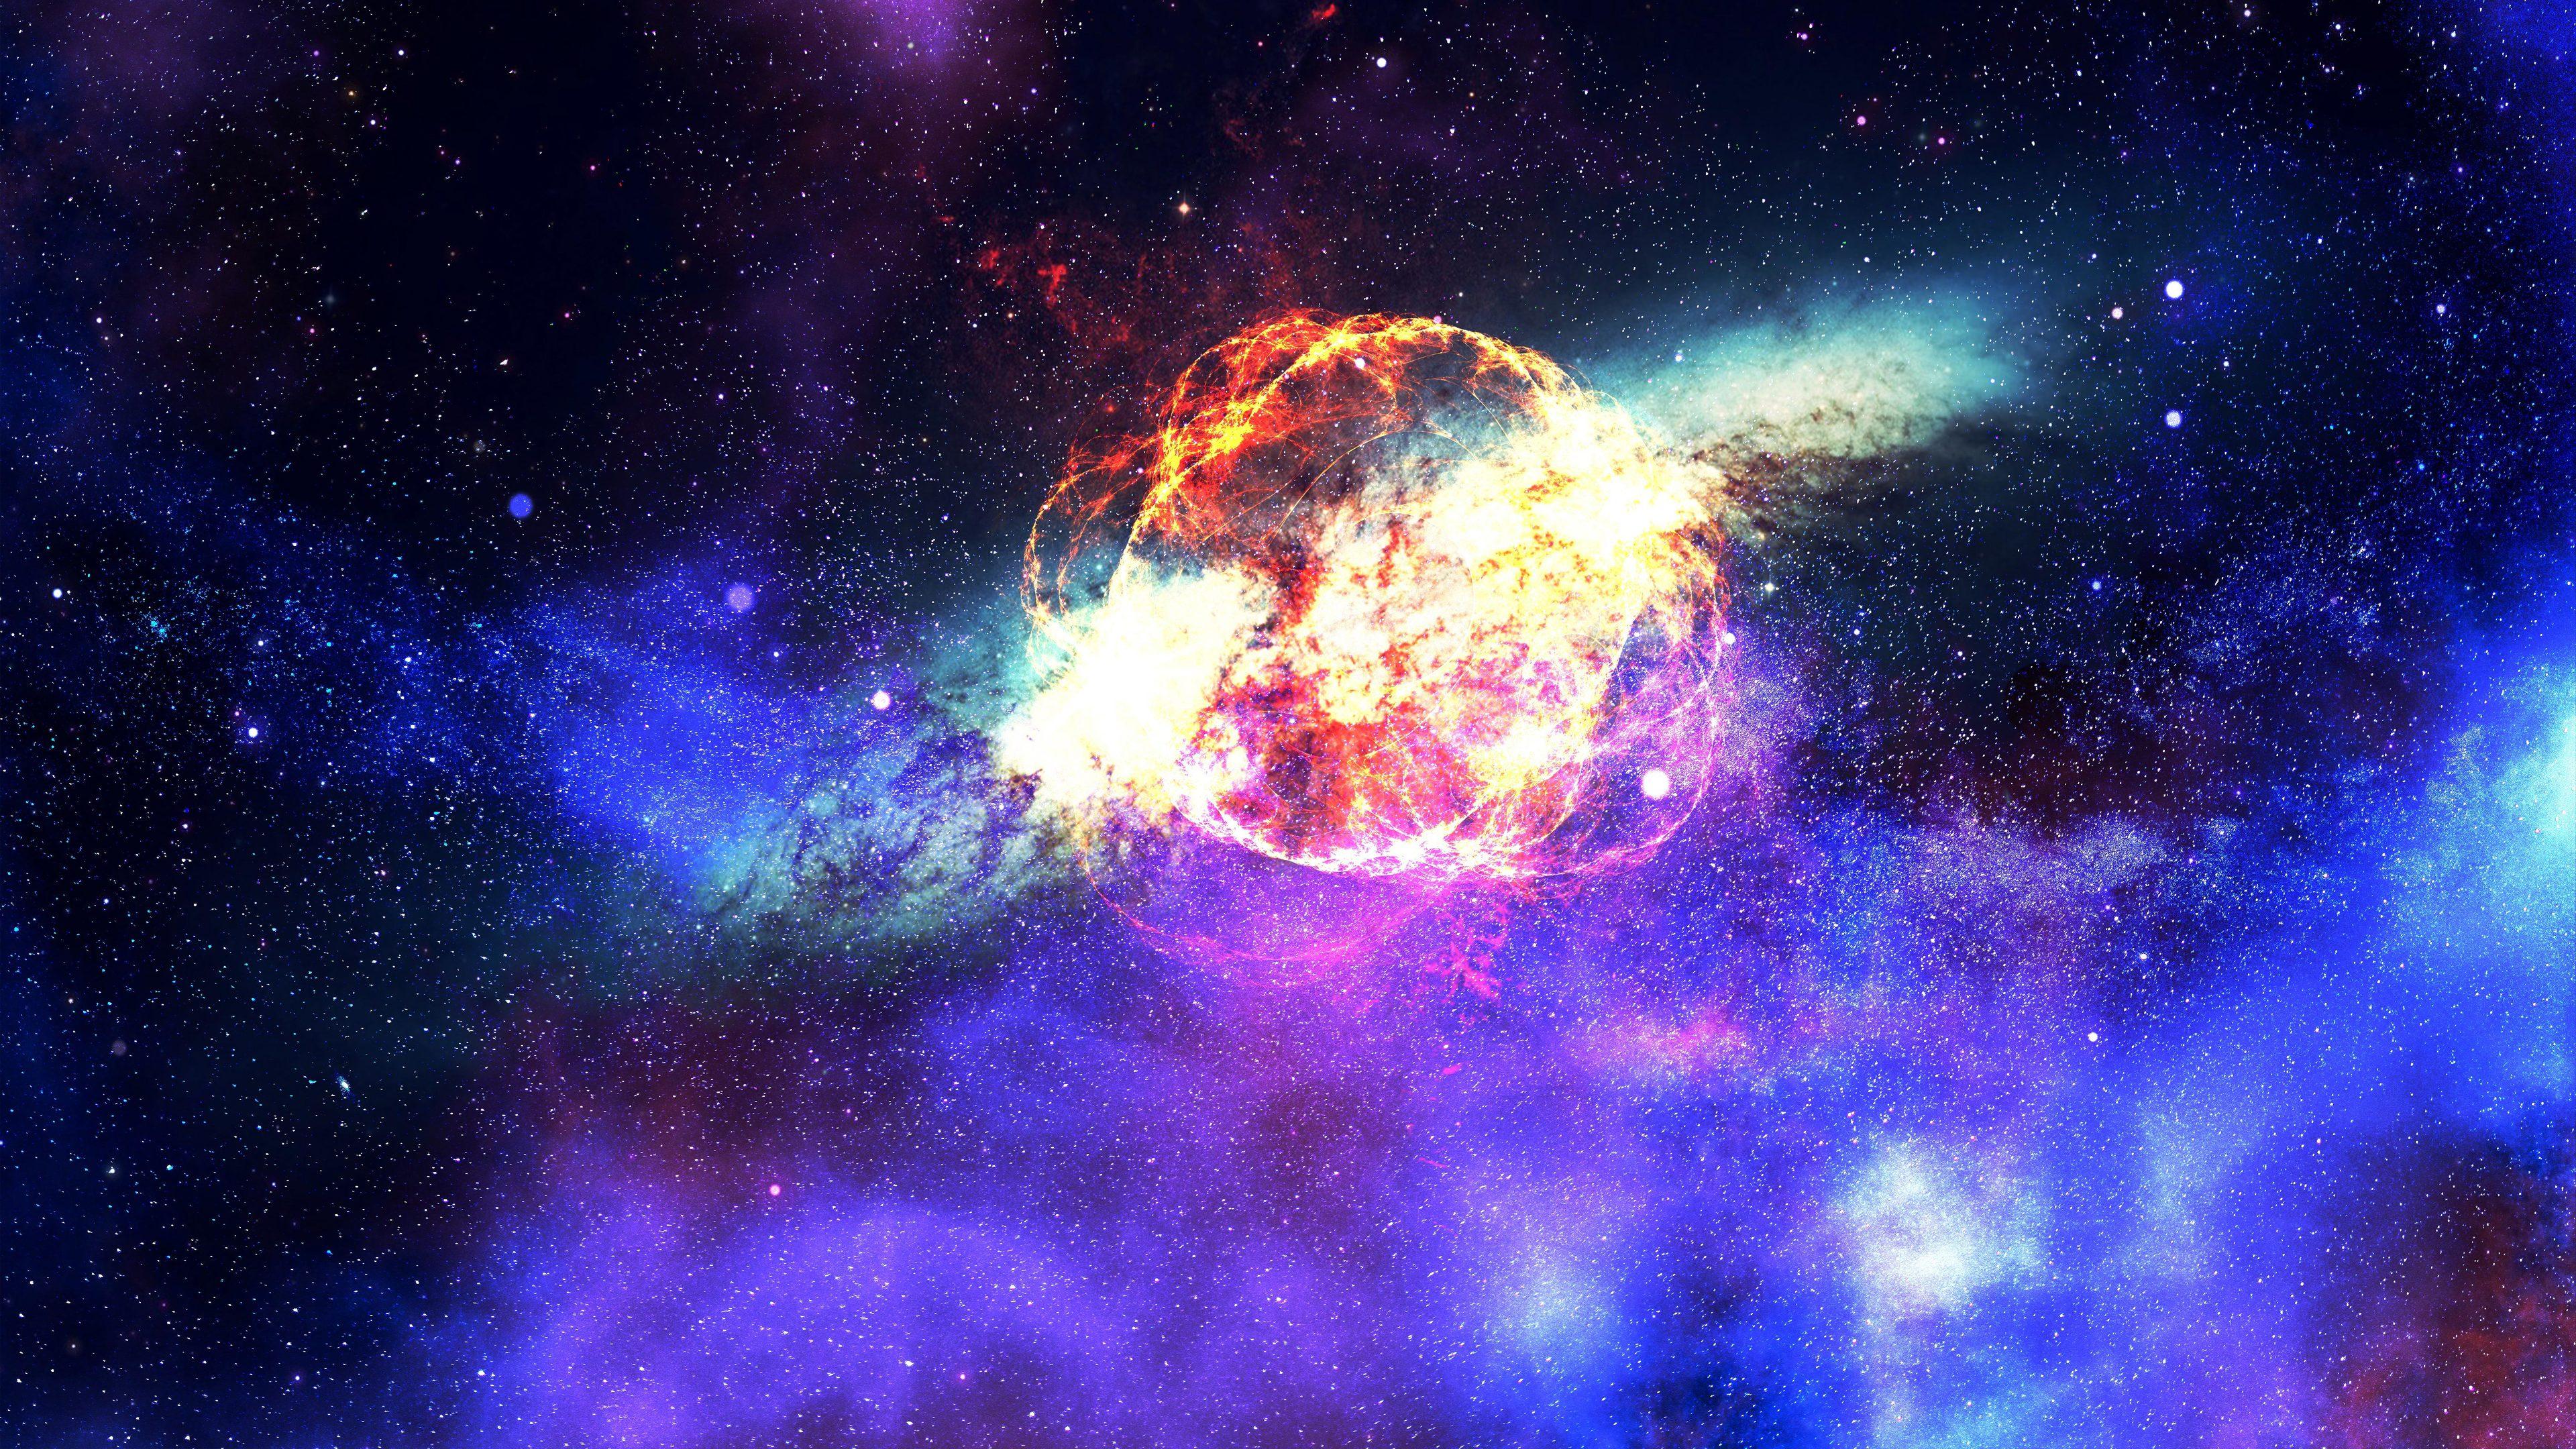 nebula galaxy outer space 4k 1546278901